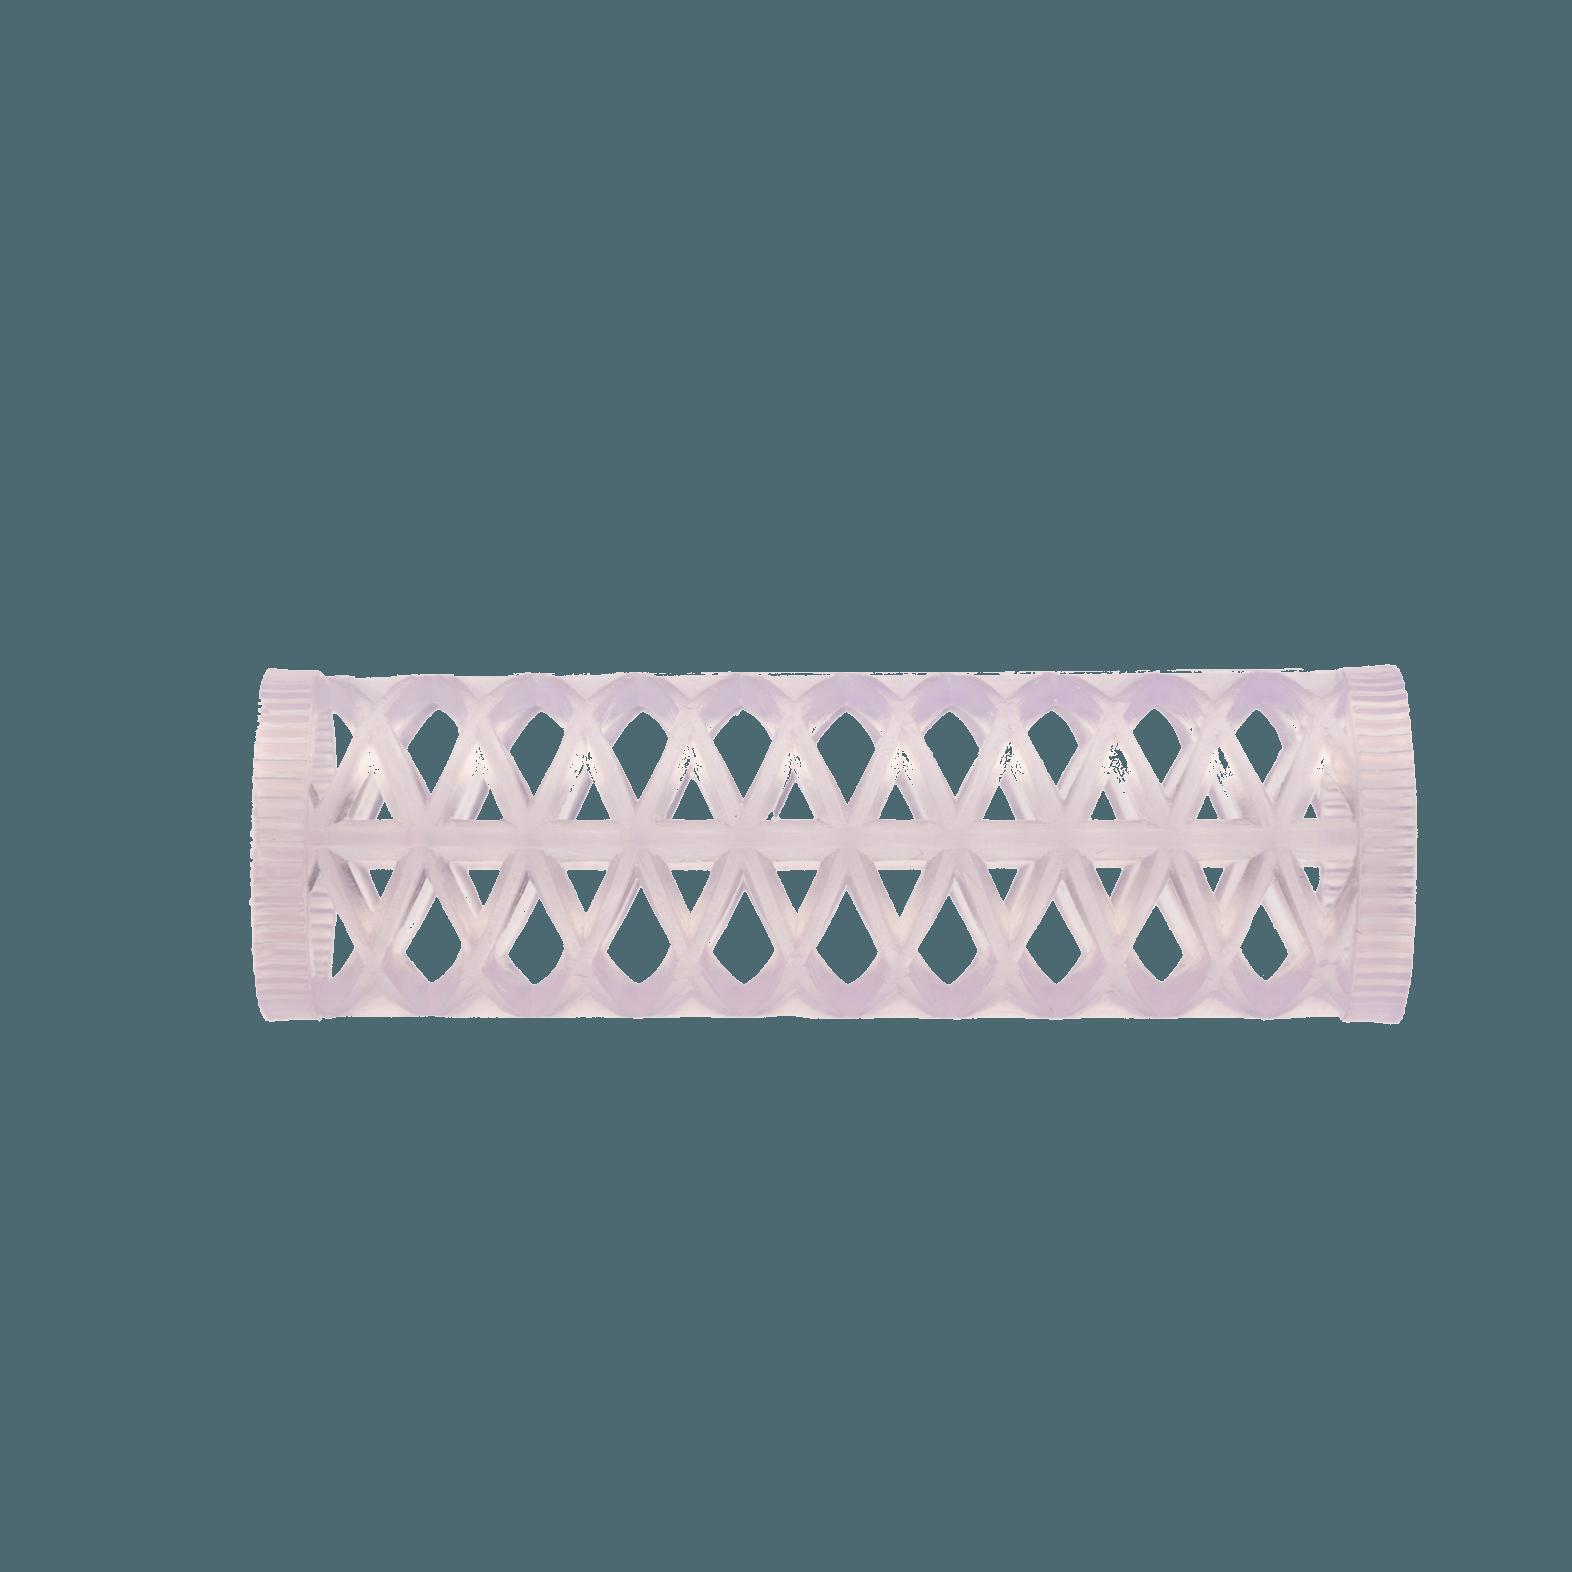 Rulero n°1 (50001)